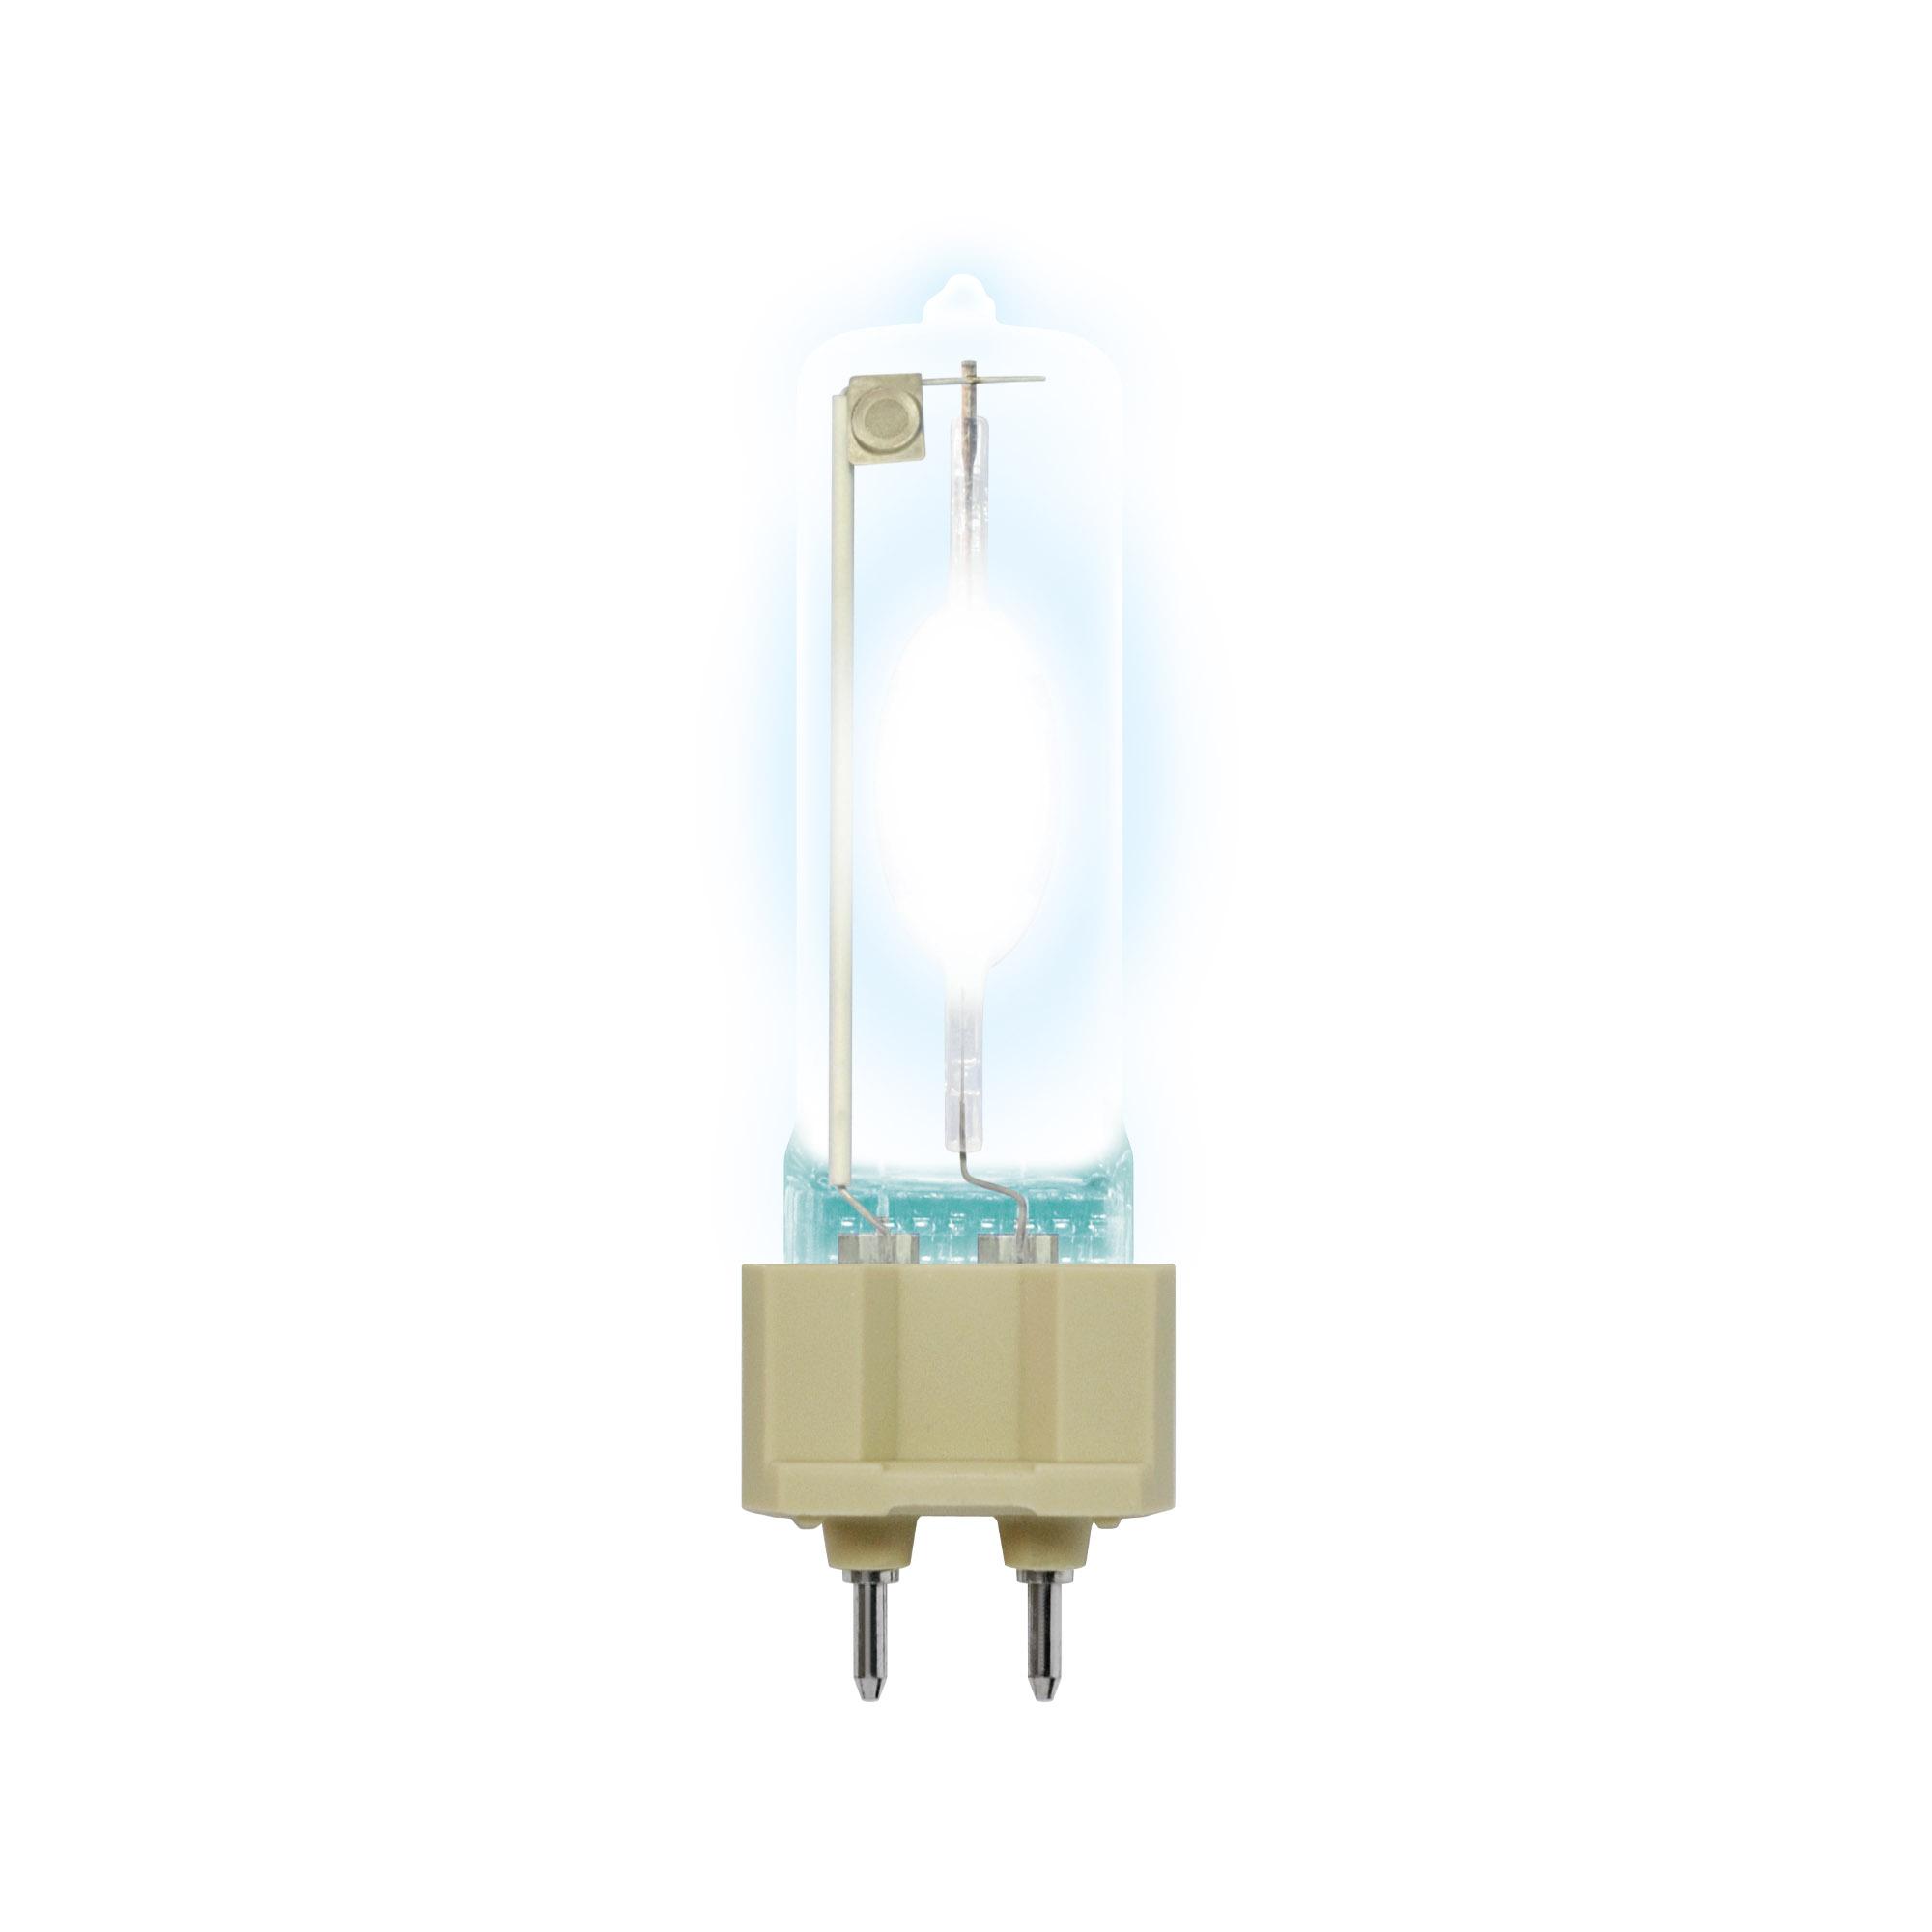 Лампа газоразрядная UnielЛампы<br>Тип лампы: галогенная,<br>Форма лампы: цилиндрическая,<br>Цвет колбы: прозрачная,<br>Тип цоколя: G12,<br>Напряжение: 220-240,<br>Мощность: 150,<br>Цветовая температура: 4200,<br>Цвет свечения: нейтральный,<br>Длина (мм): 100<br>